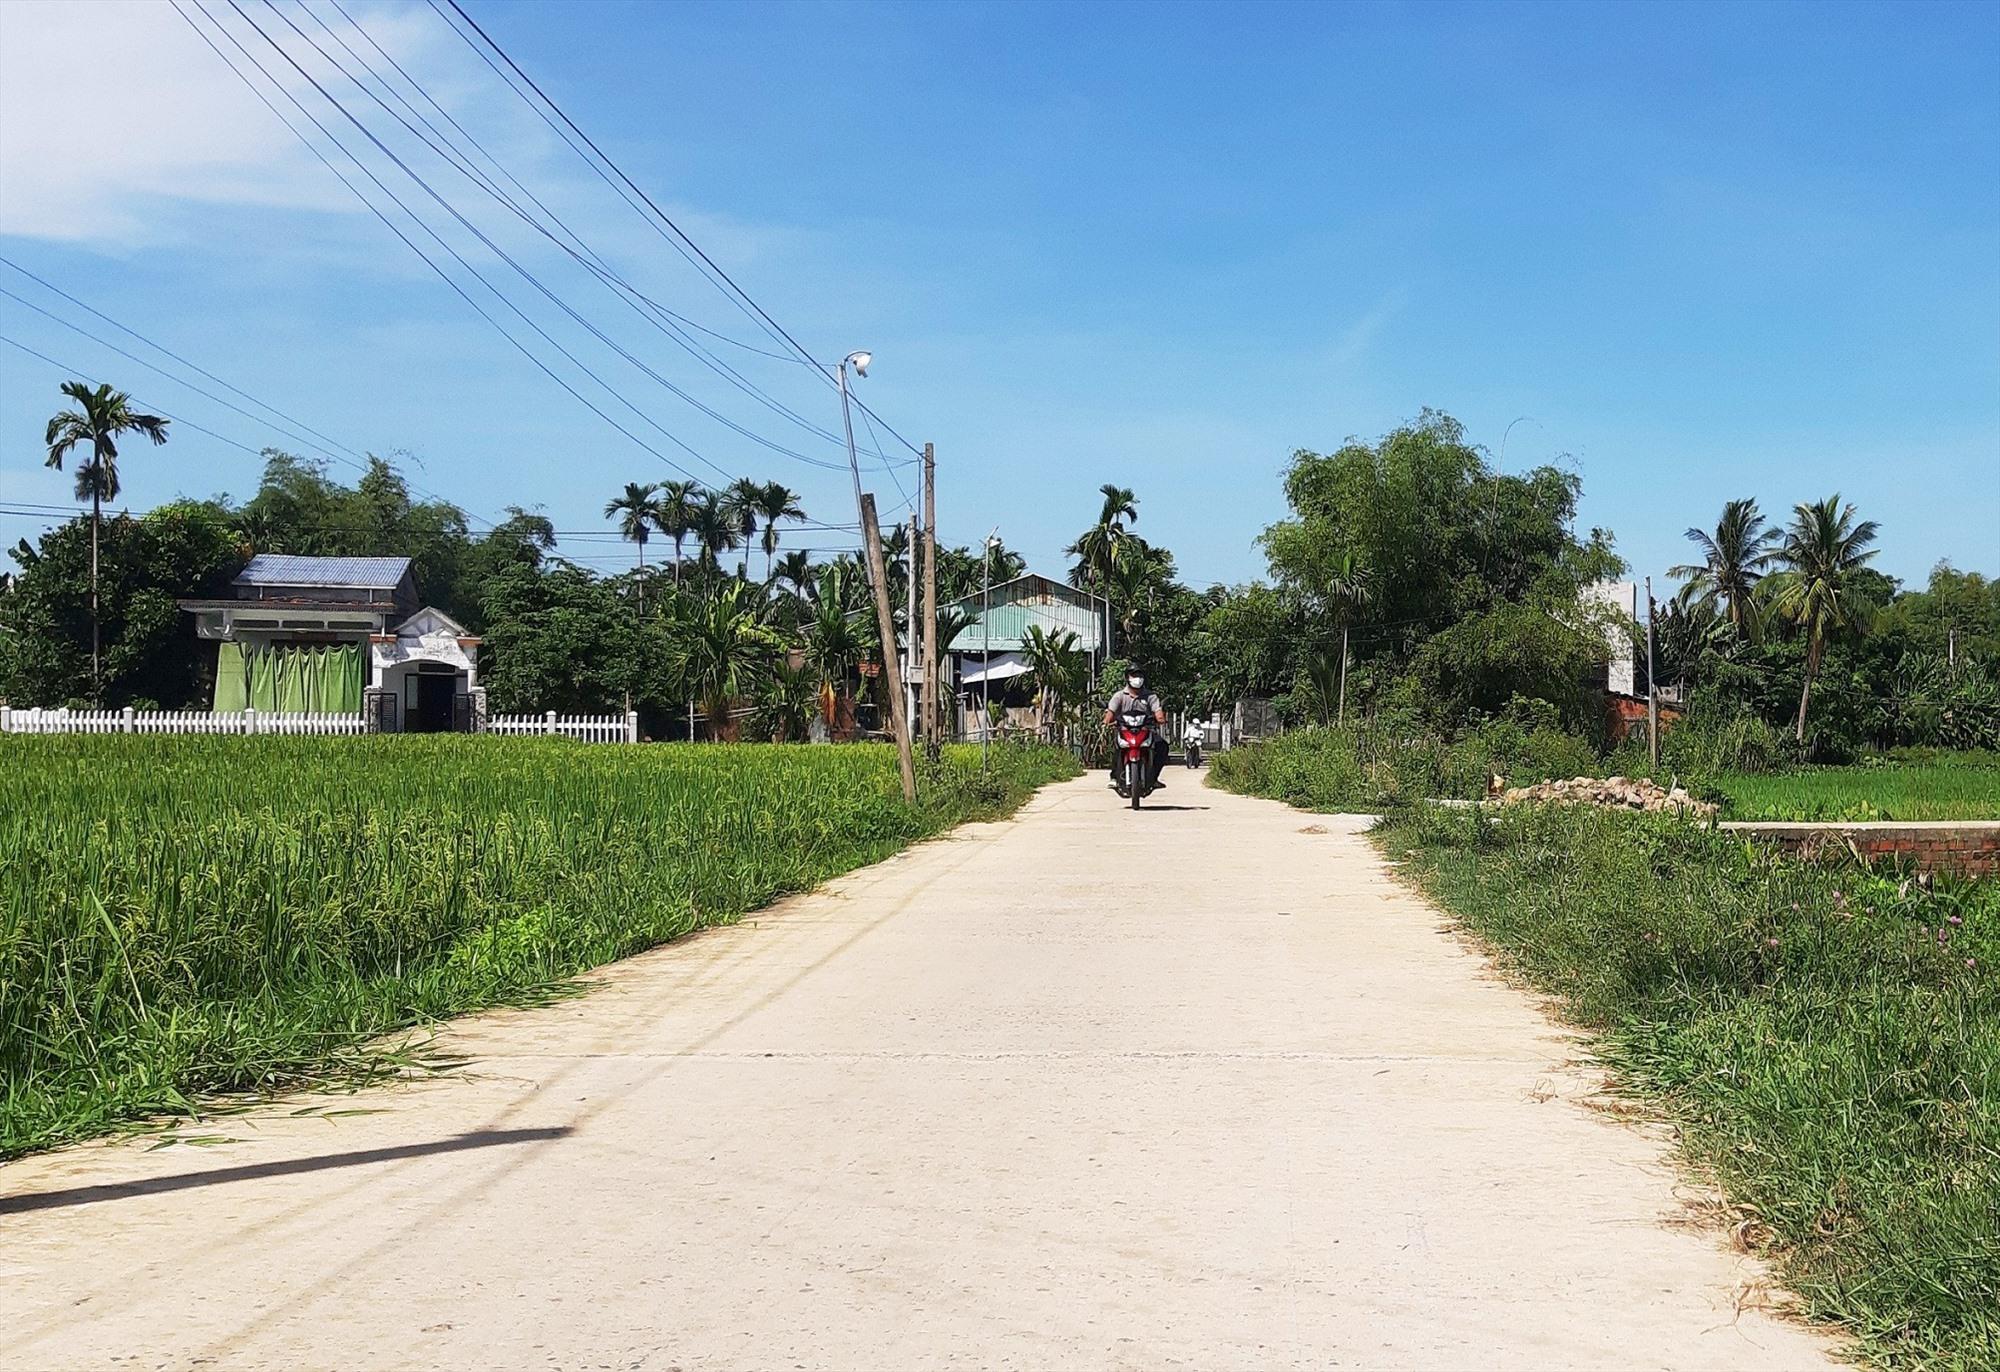 Tuyến đường từ ngã ba ông Long đến nhà ông Quân (thôn An Lạc) do ông Mai Năm tài trợ xây dựng.